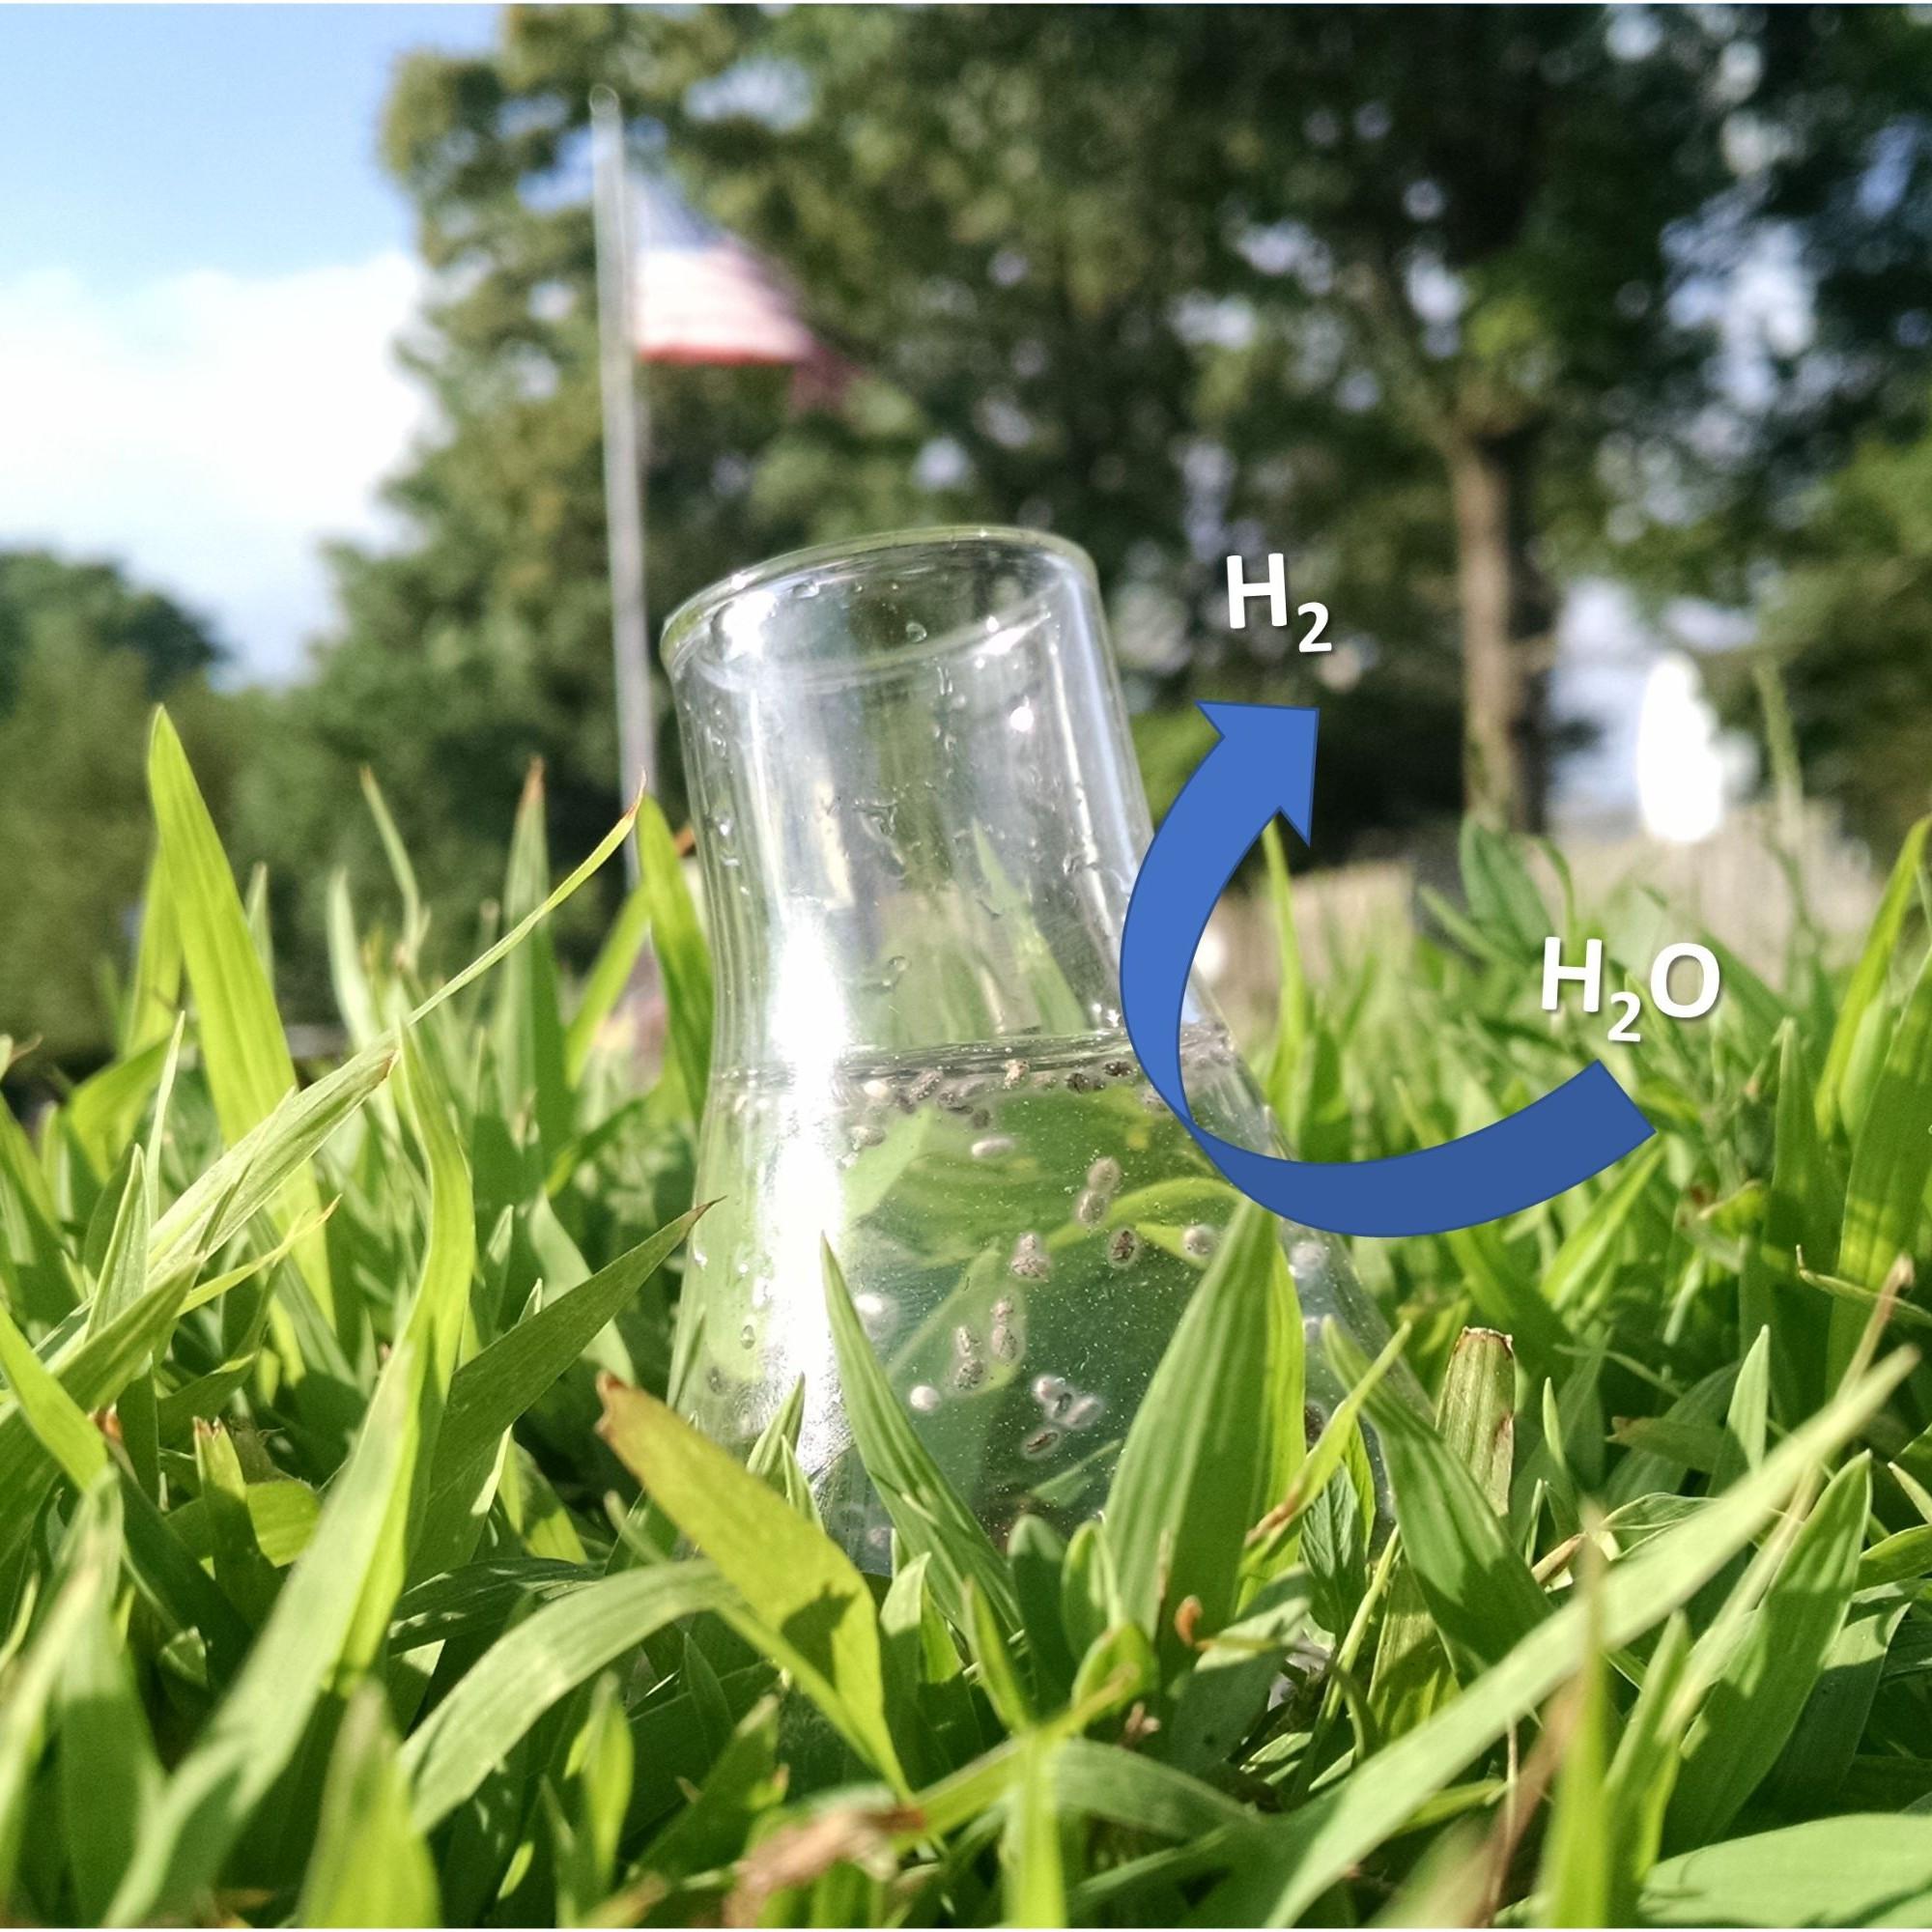 Sternförmige Goldnanopartikel, die mit einem Halbleiter beschichtet sind, ermöglichen eine effiziente Produktion von Wasserstoff aus Wasser.